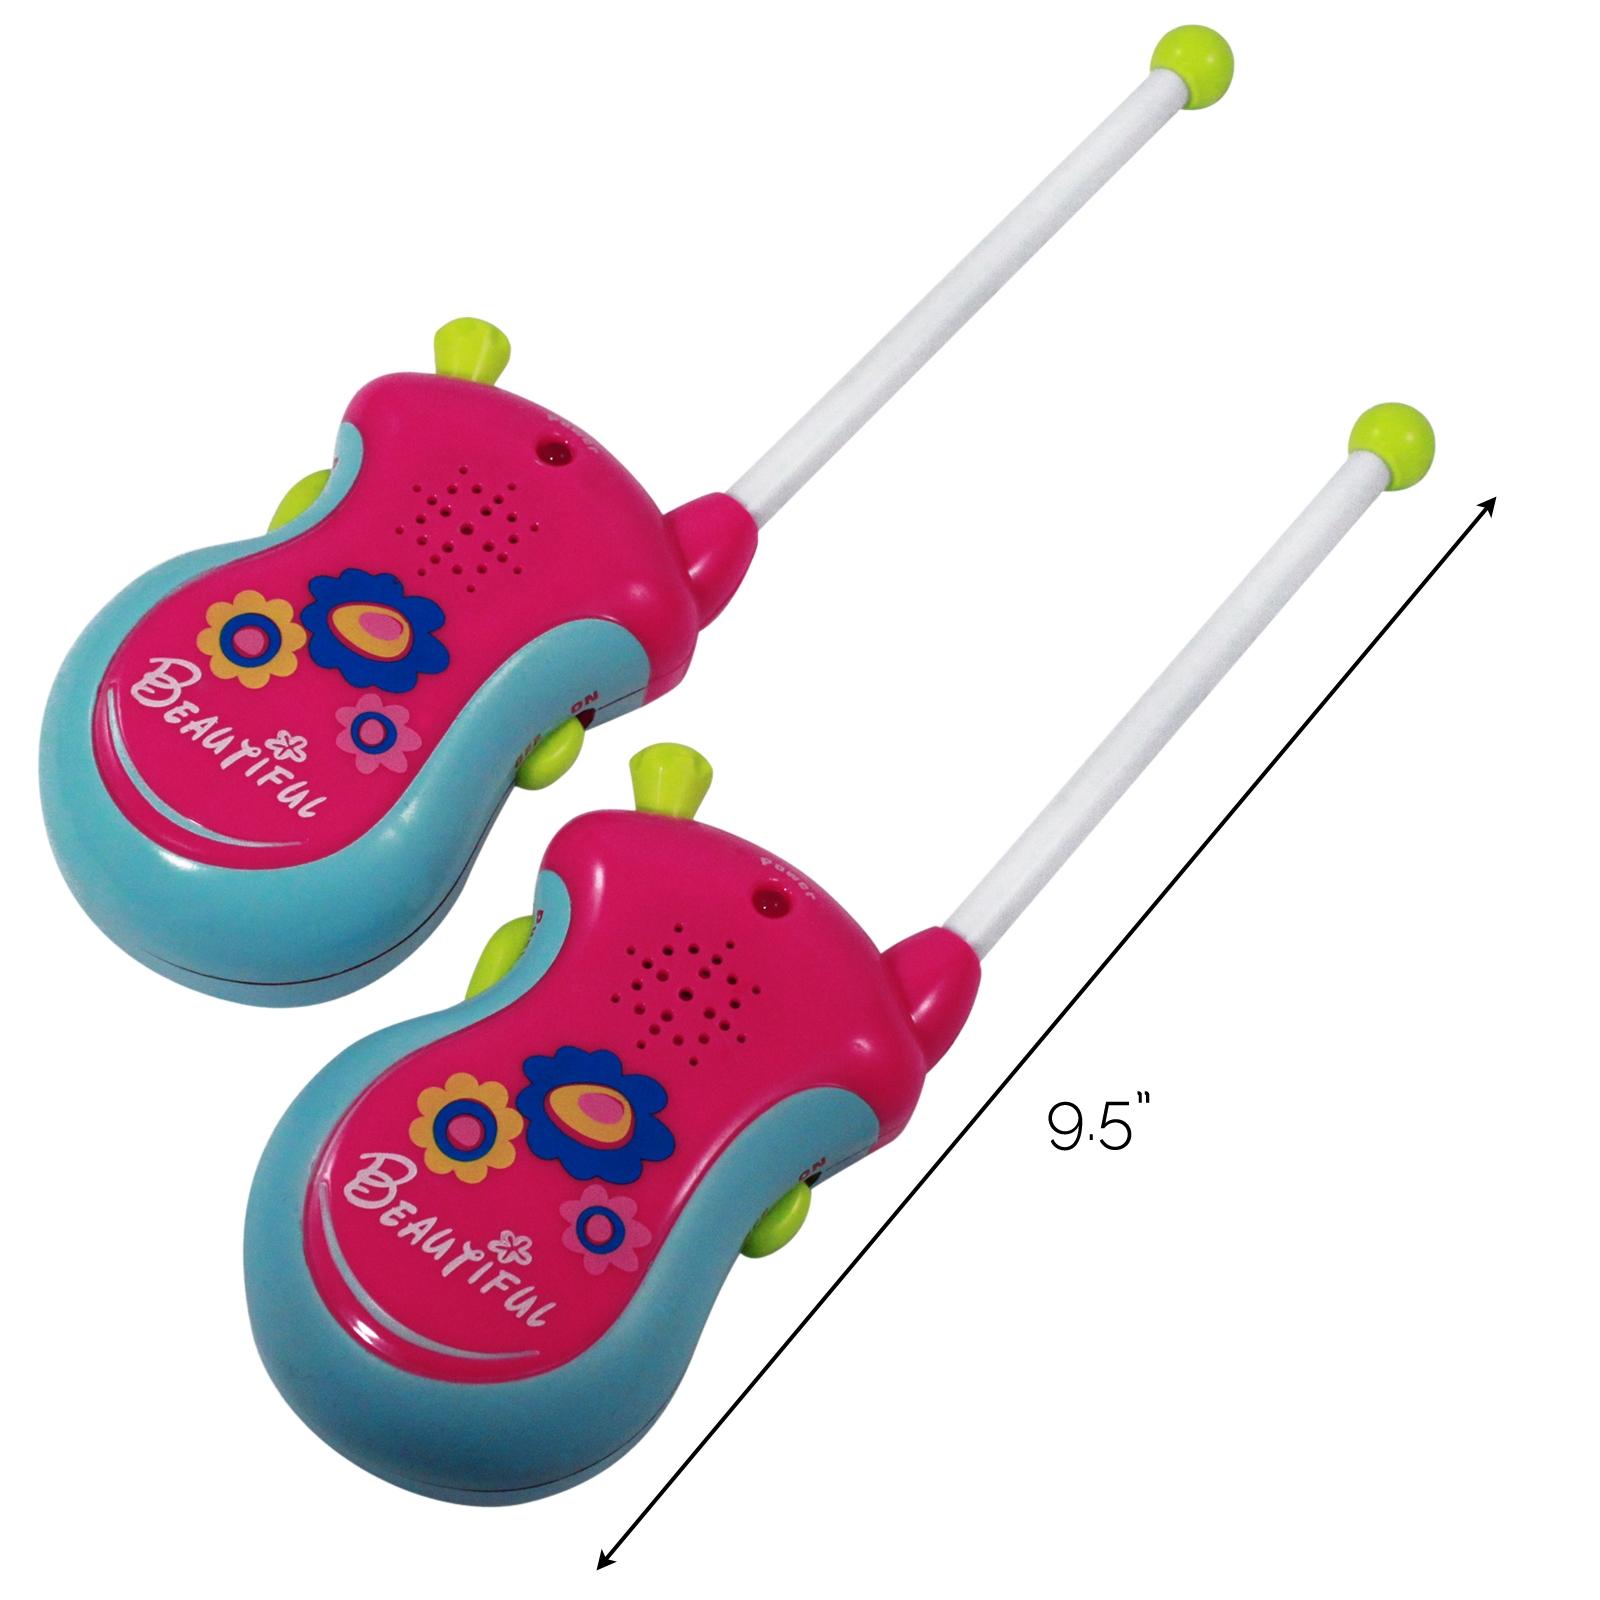 (2 Pack) Girls Pink Walkie Talkies 2 Way Radio Kids Communication Play Set, Pink